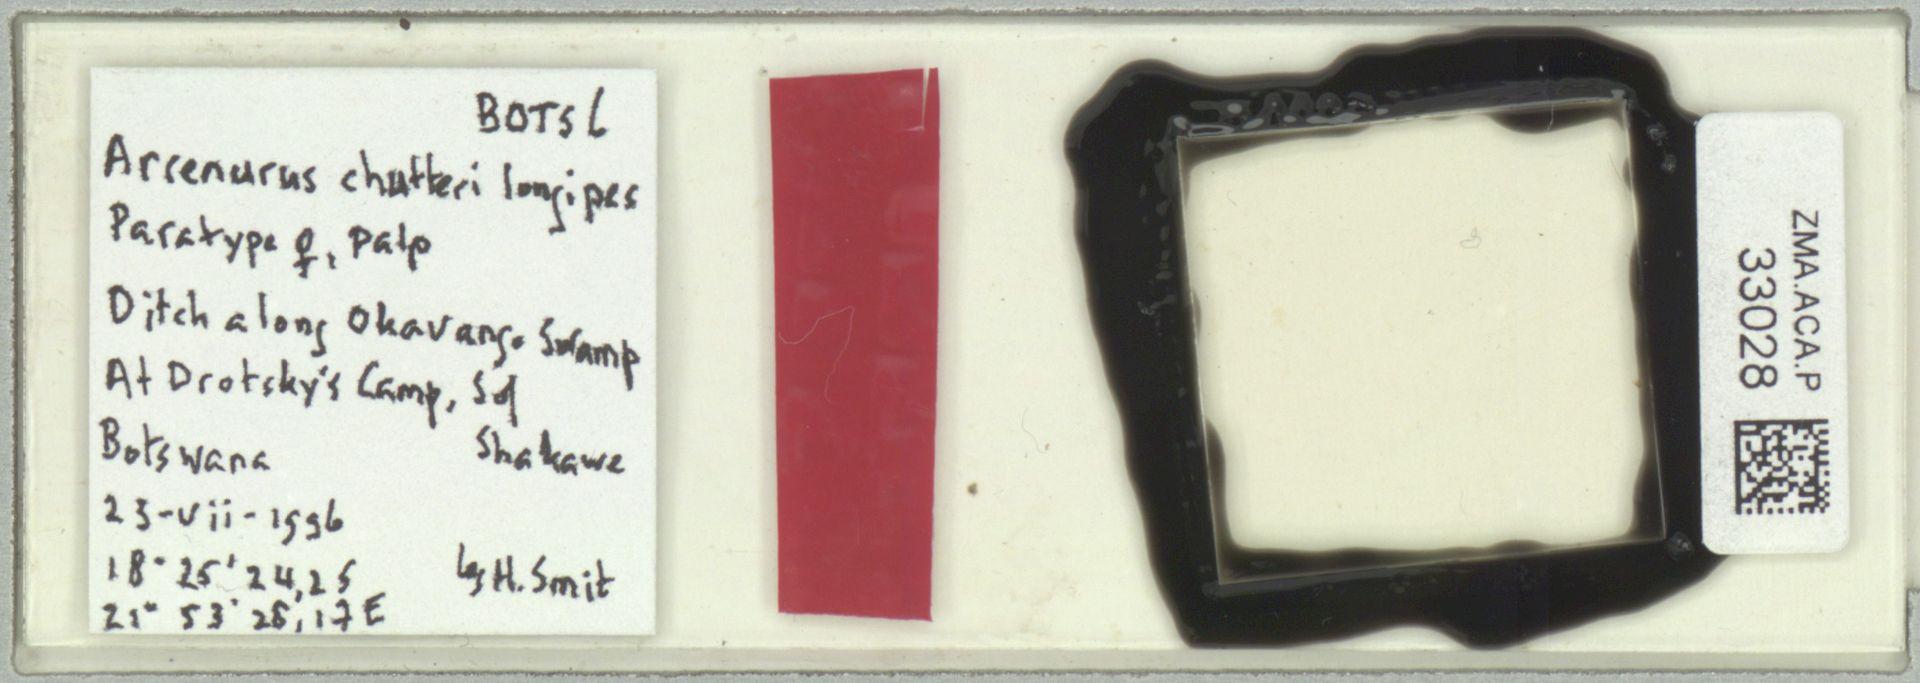 ZMA.ACA.P.33028 | Arrenurus chutteri longipes Smit, 2012